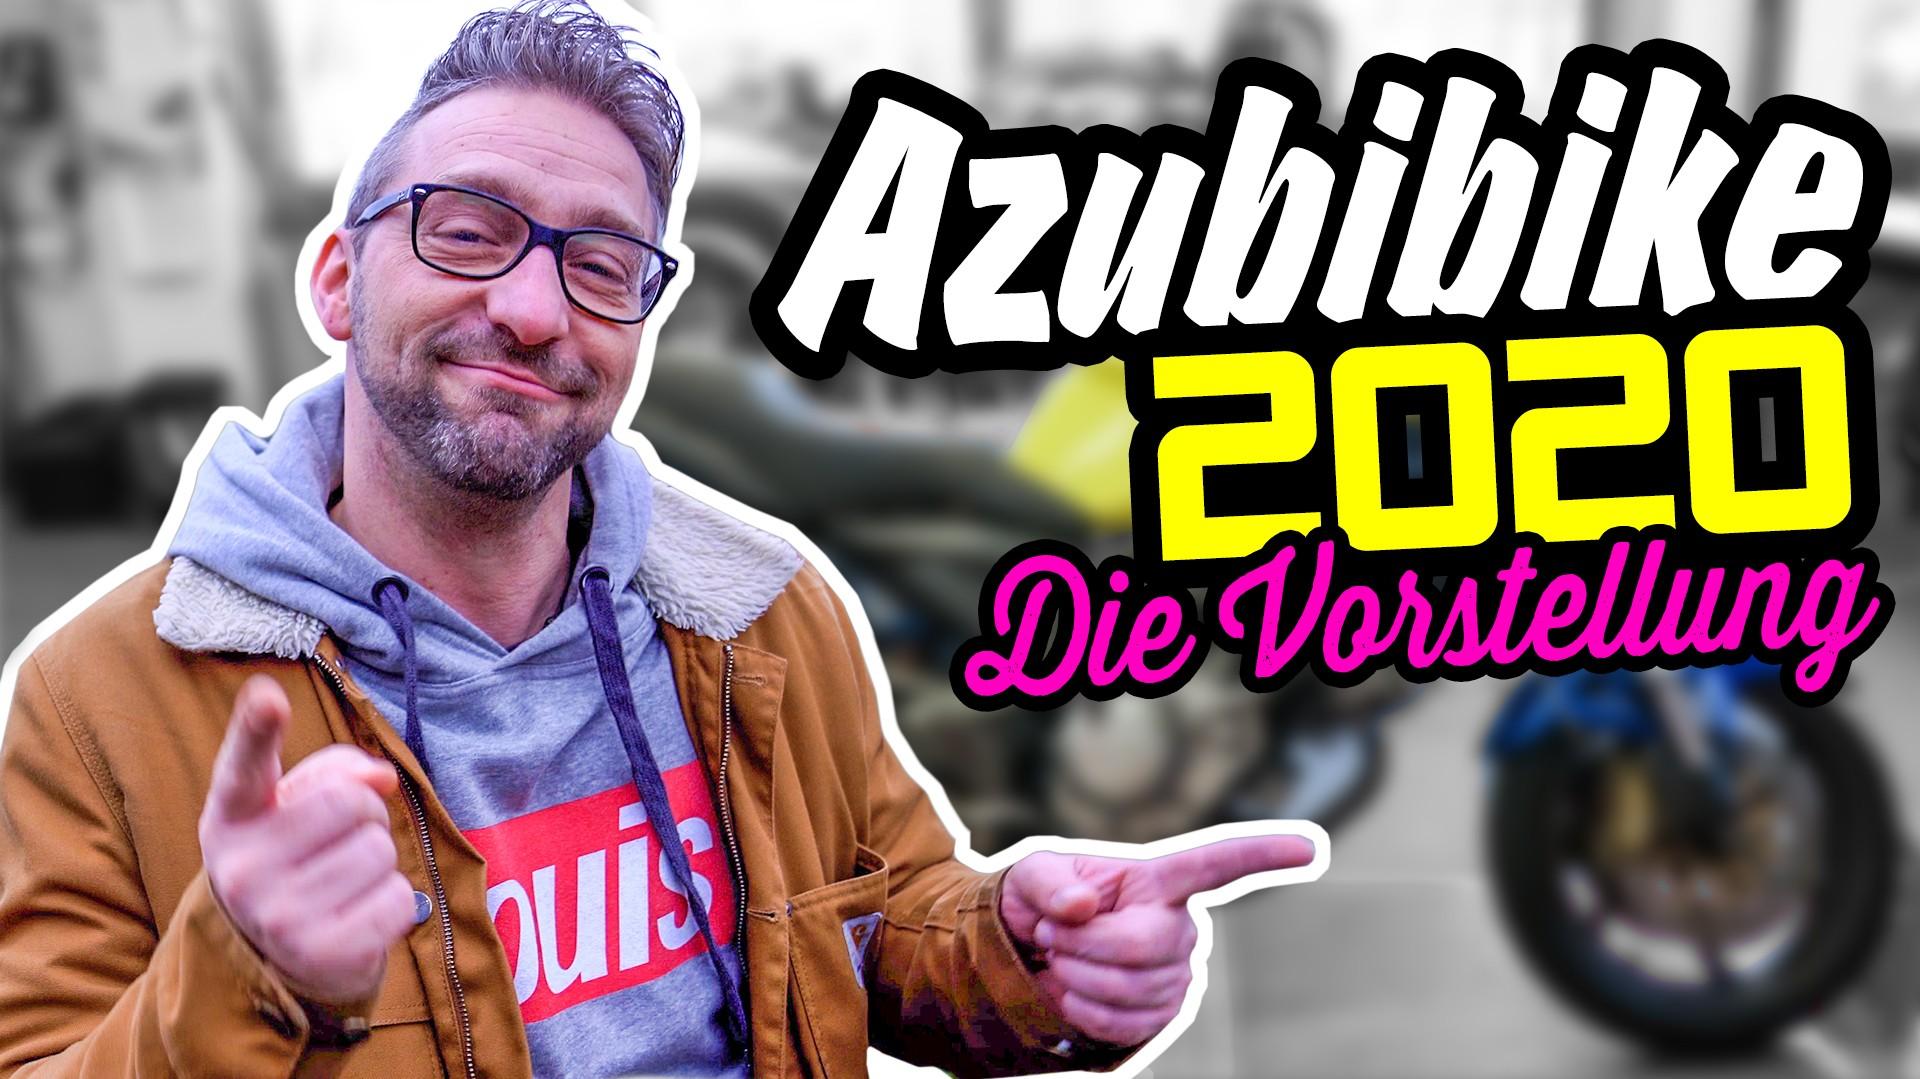 PROJEKT: AZUBIBIKE 2020 Teil 1 – Die Vorstellung